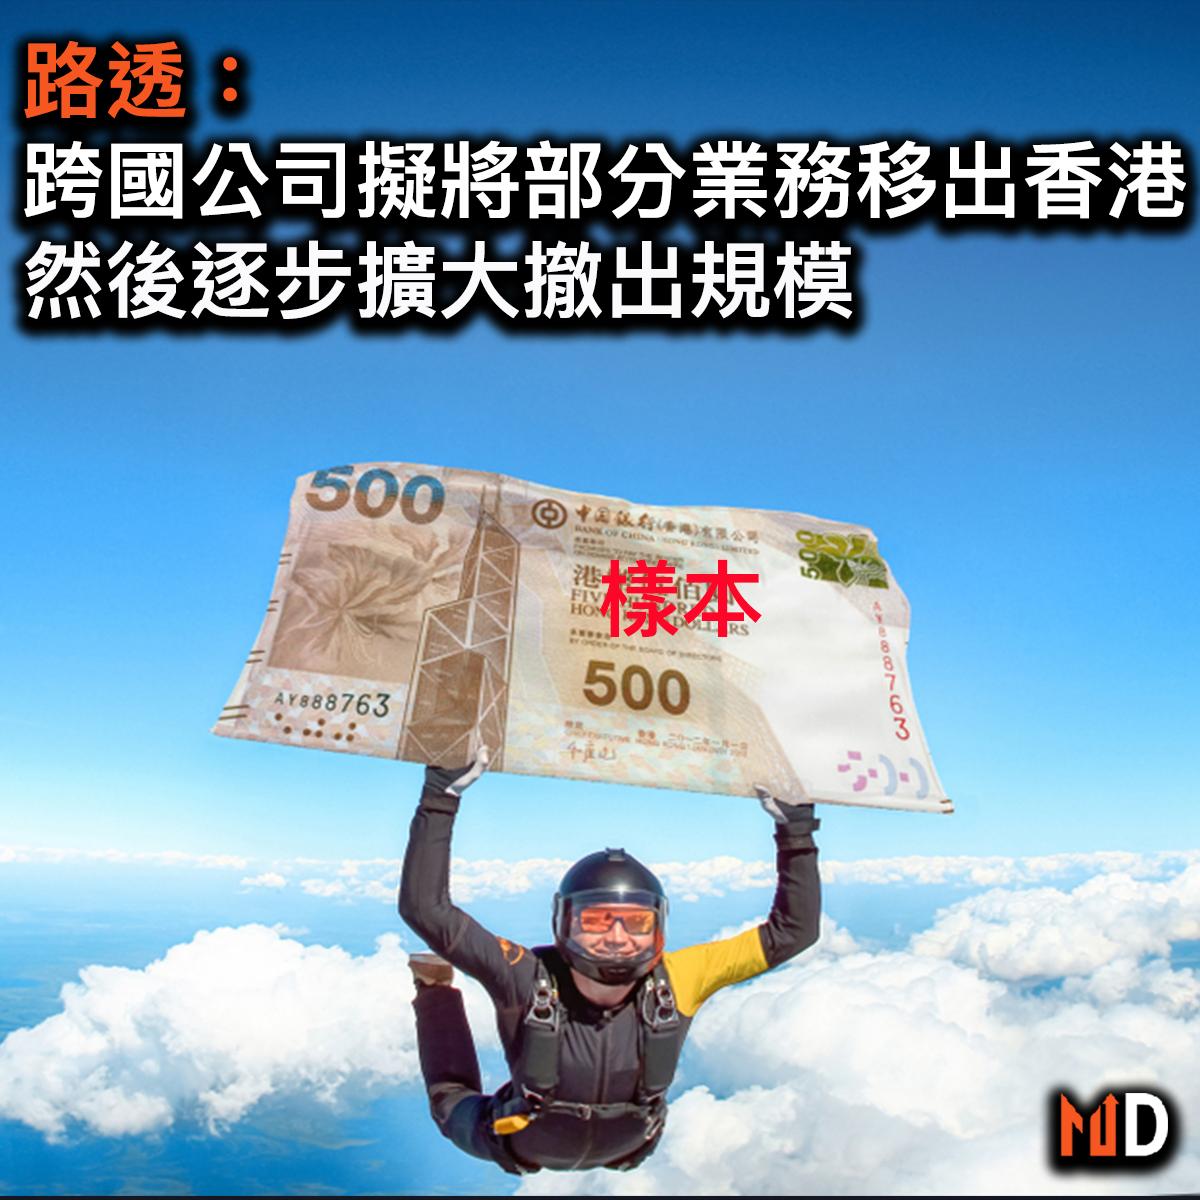 【市場熱話】路透:跨國公司擬將部分業務移出香港,然後逐步擴大撤出規模